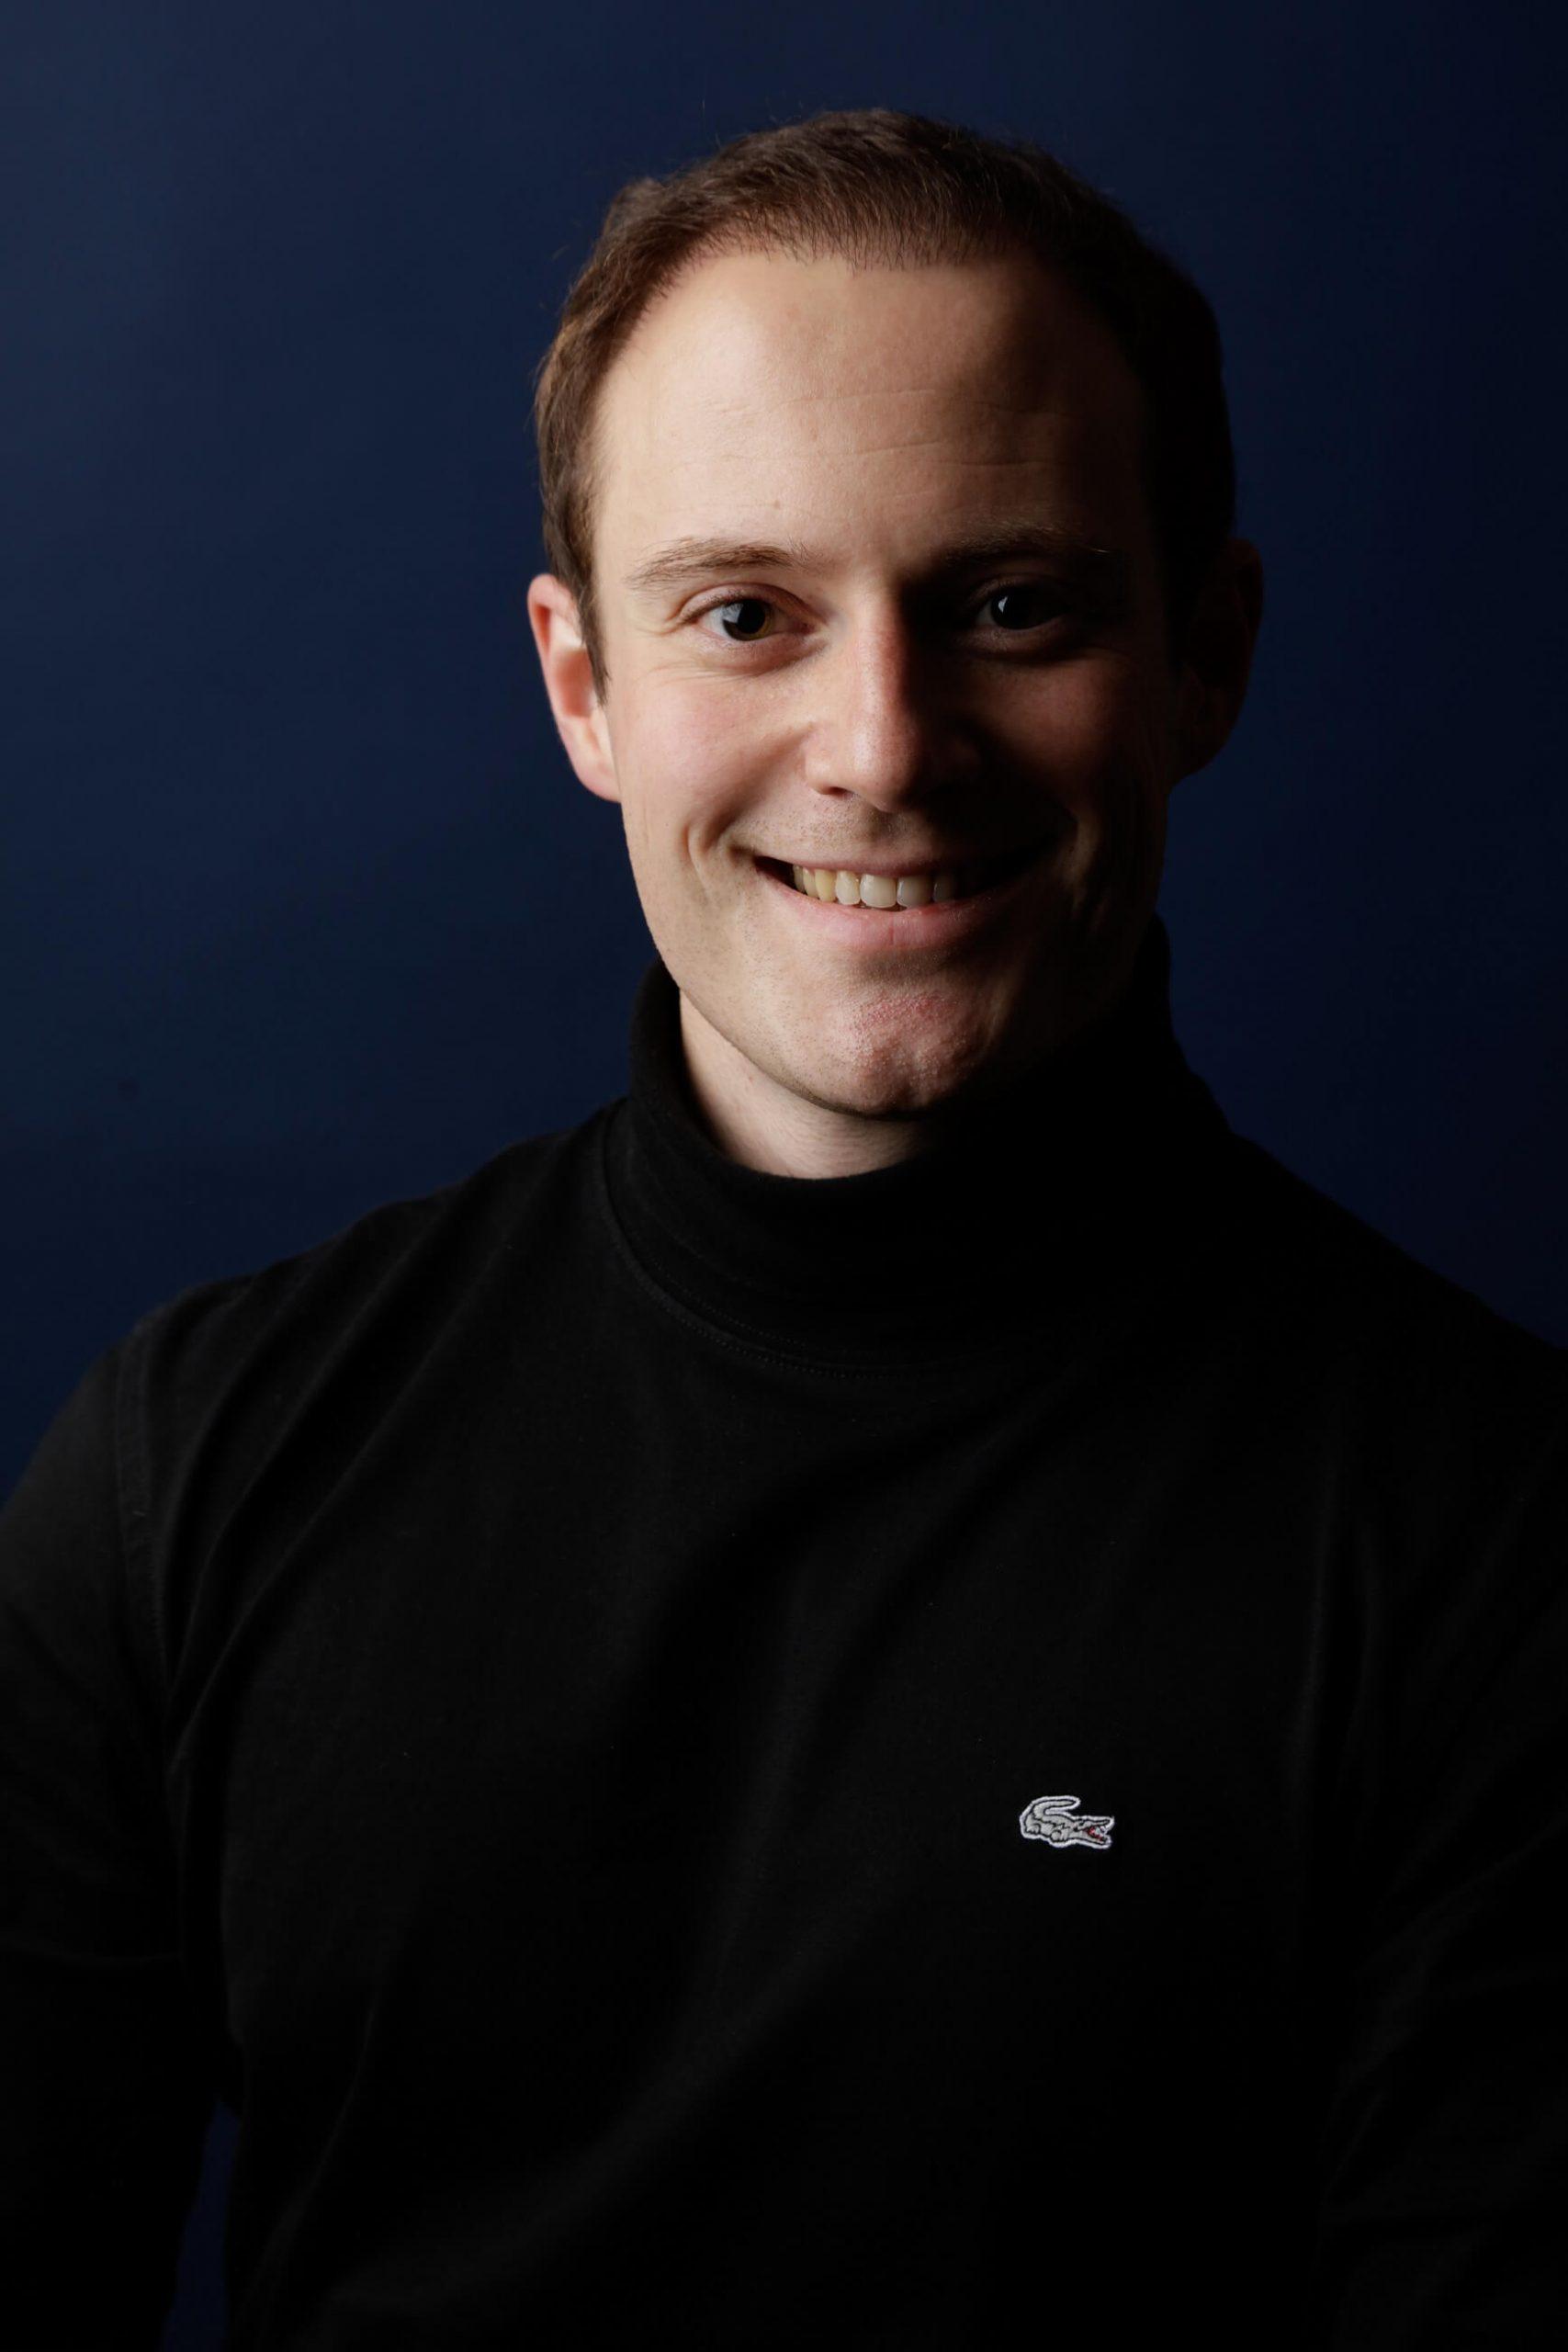 David Zanders